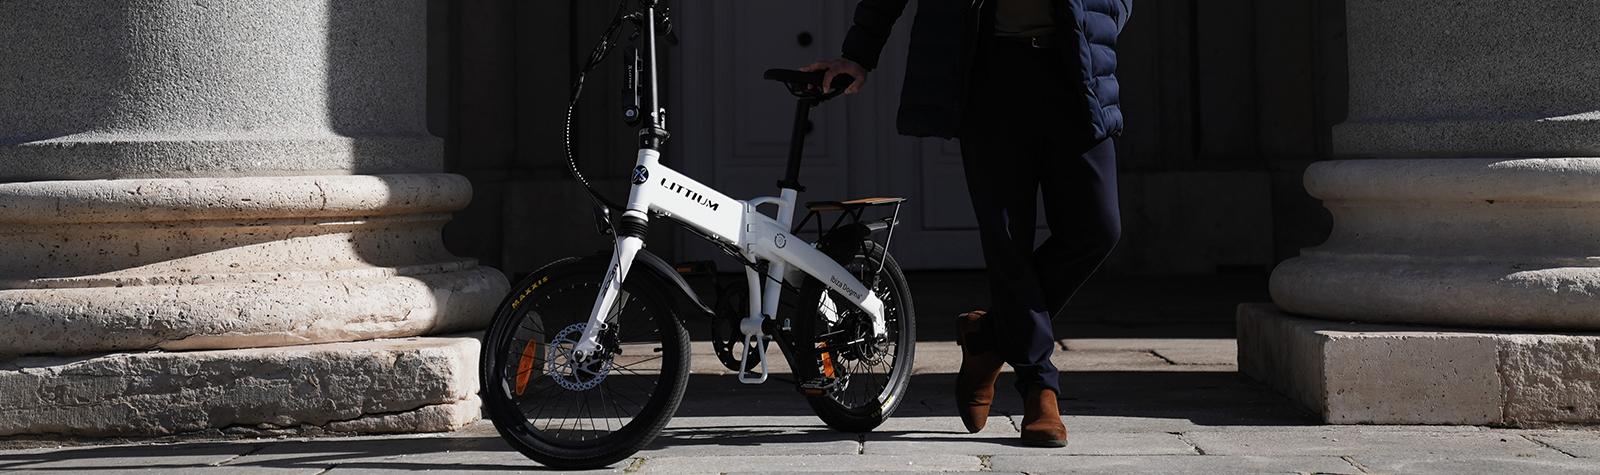 ¿Cómo ajustar el sillín de una bicicleta plegable?